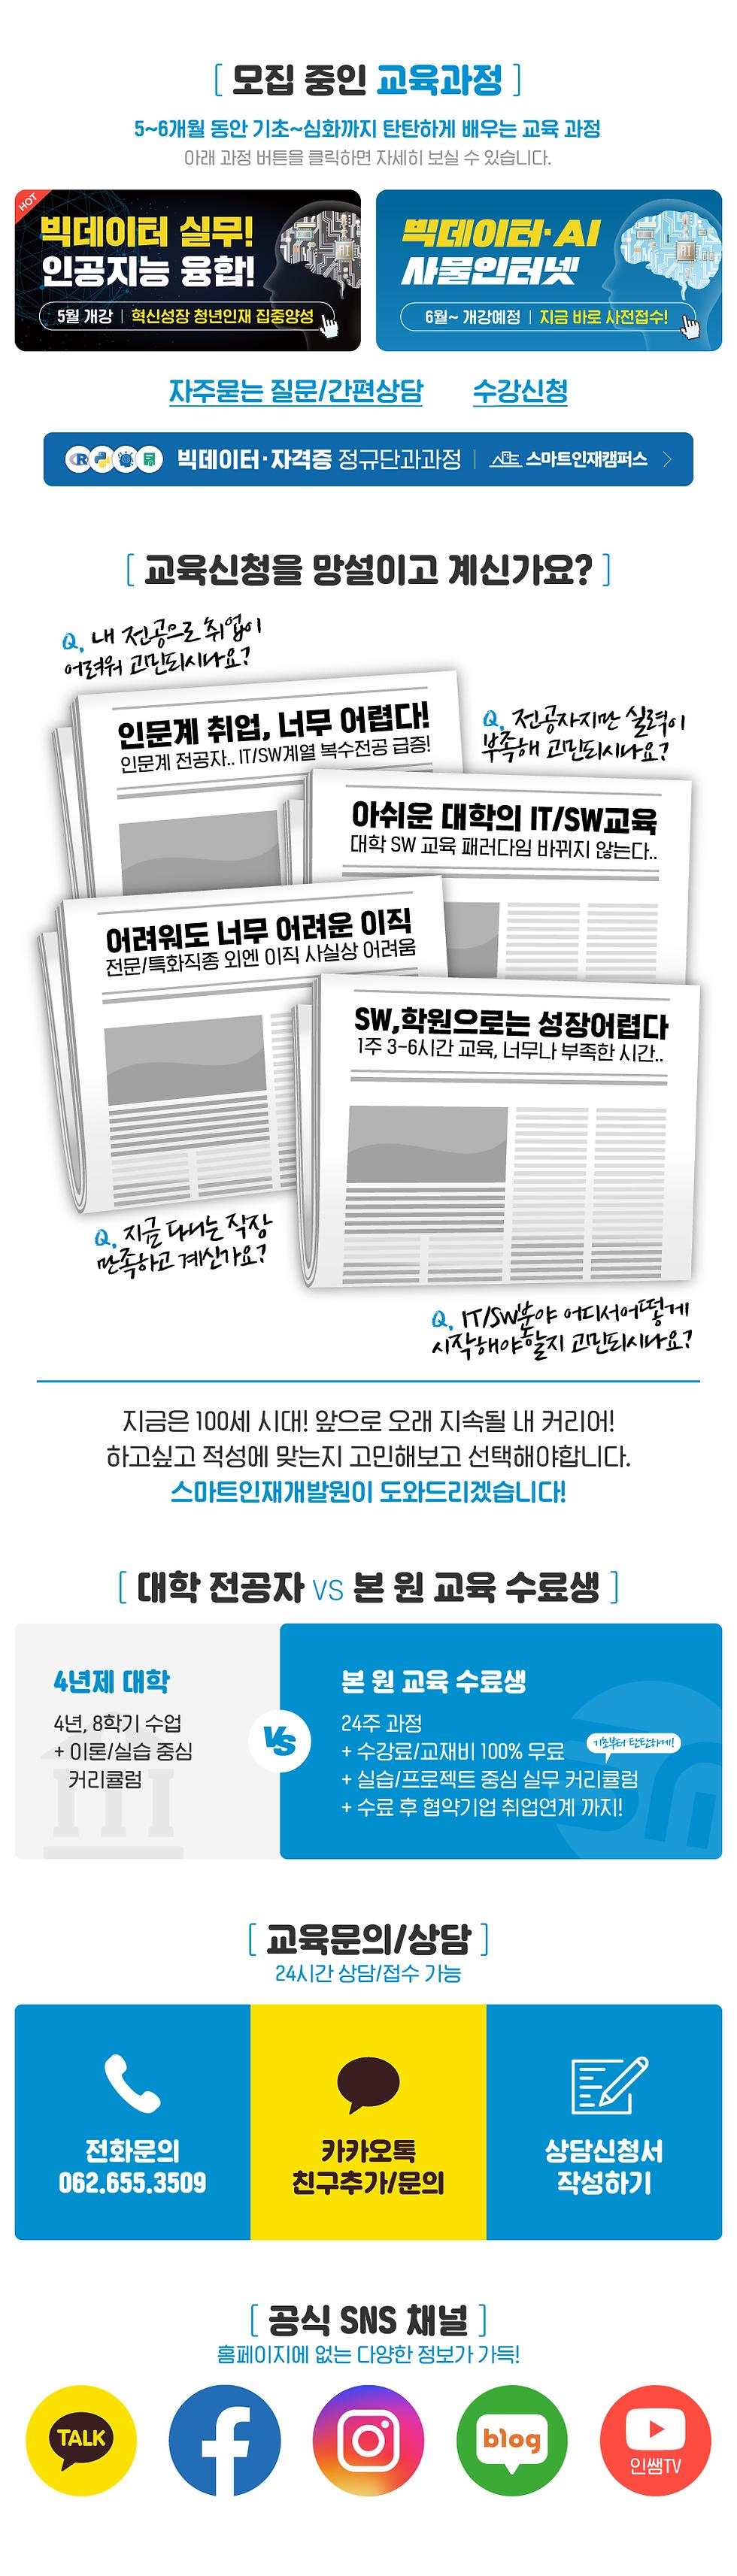 홈페이지개편_교육과정_장단기분리(201208).png